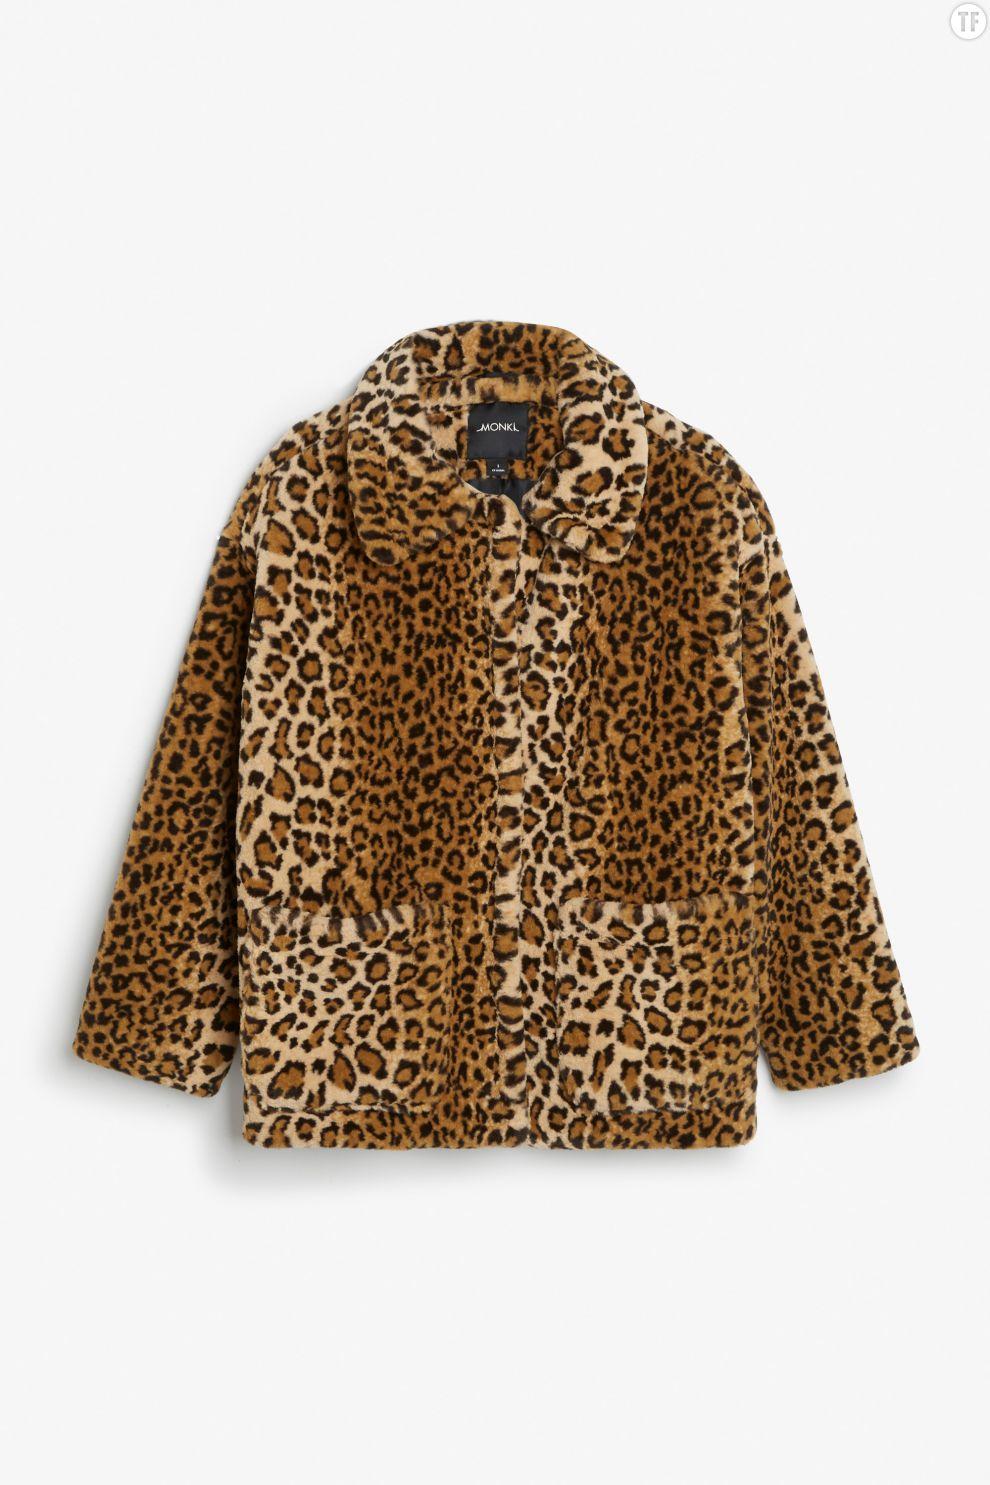 Manteau léopard en fourrure synthétique Monki, 70€